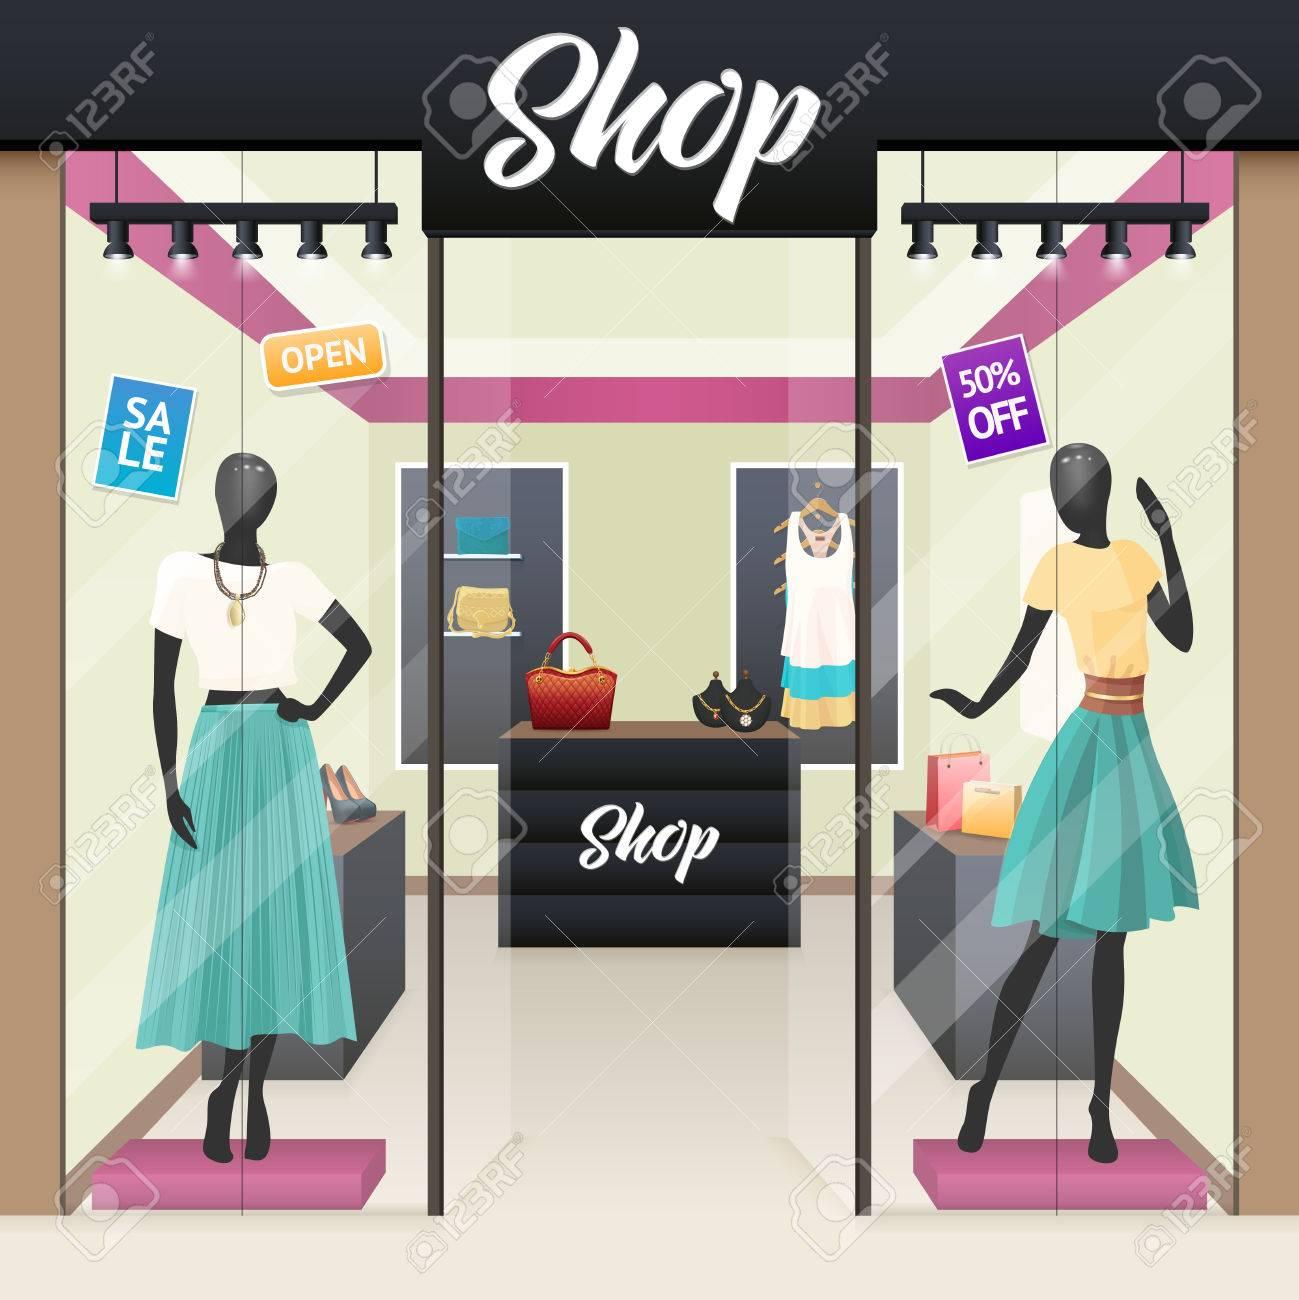 3c3a3963 Mujeres de la ropa de moda y accesorios de belleza tienda de venta ventanas  de visualización Street ver ilustración vectorial imagen realista